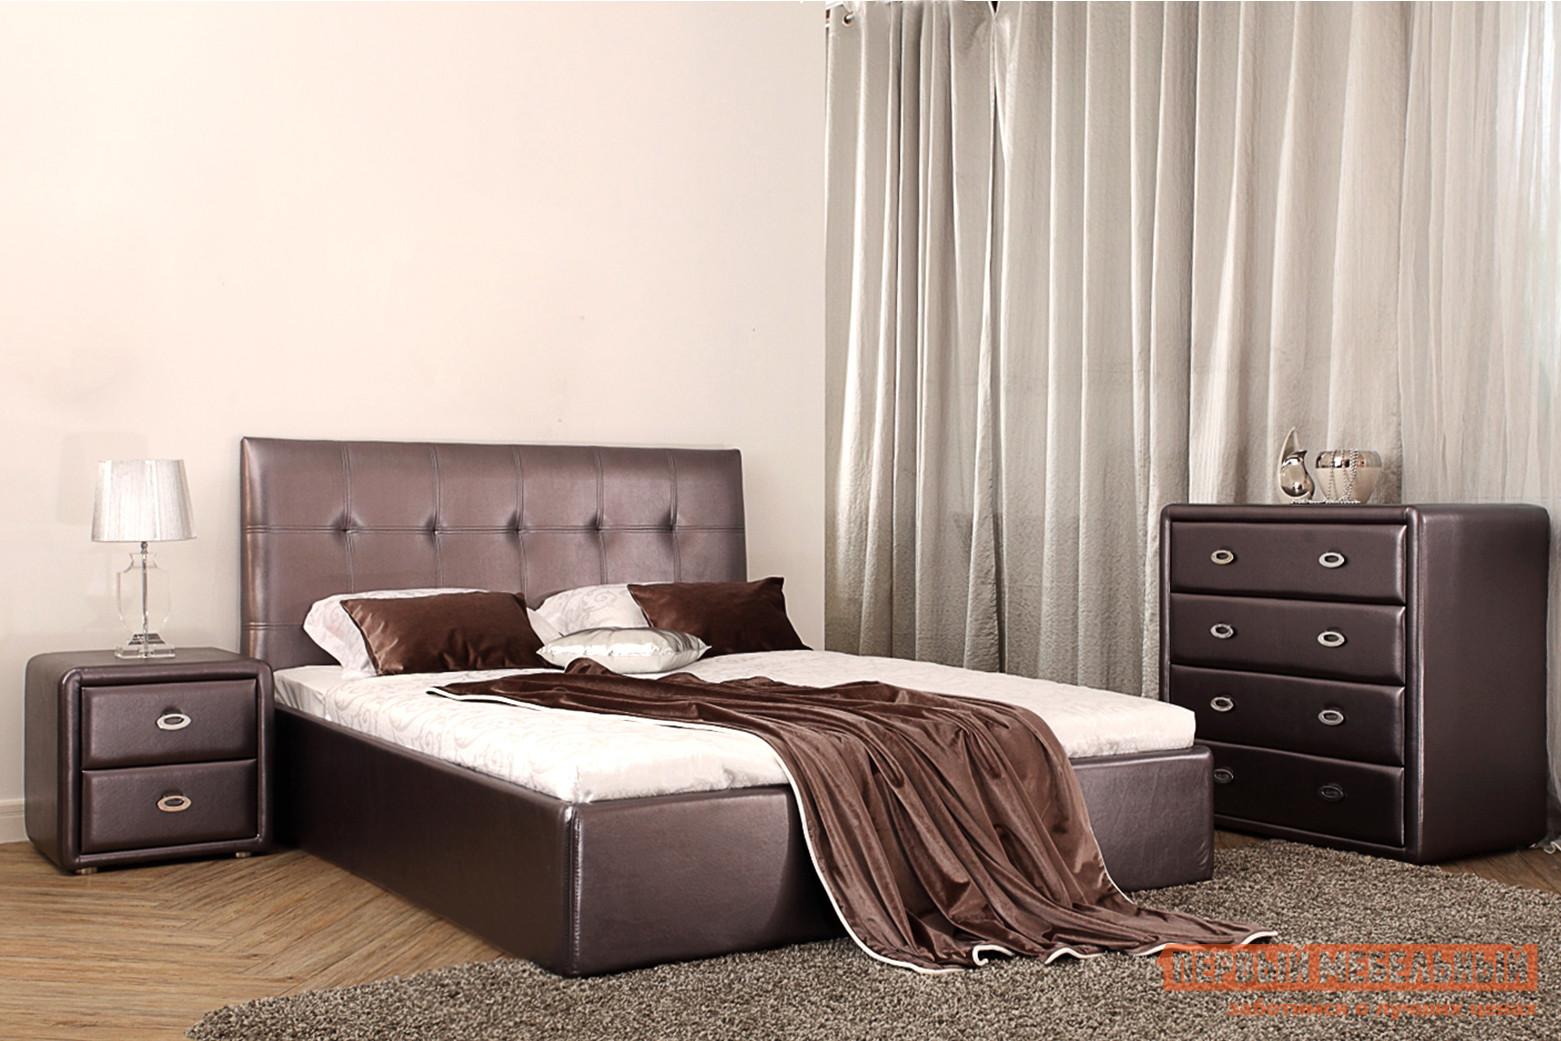 Полутороспальная кровать Первый Мебельный Кровать Айова 140х200 кровать